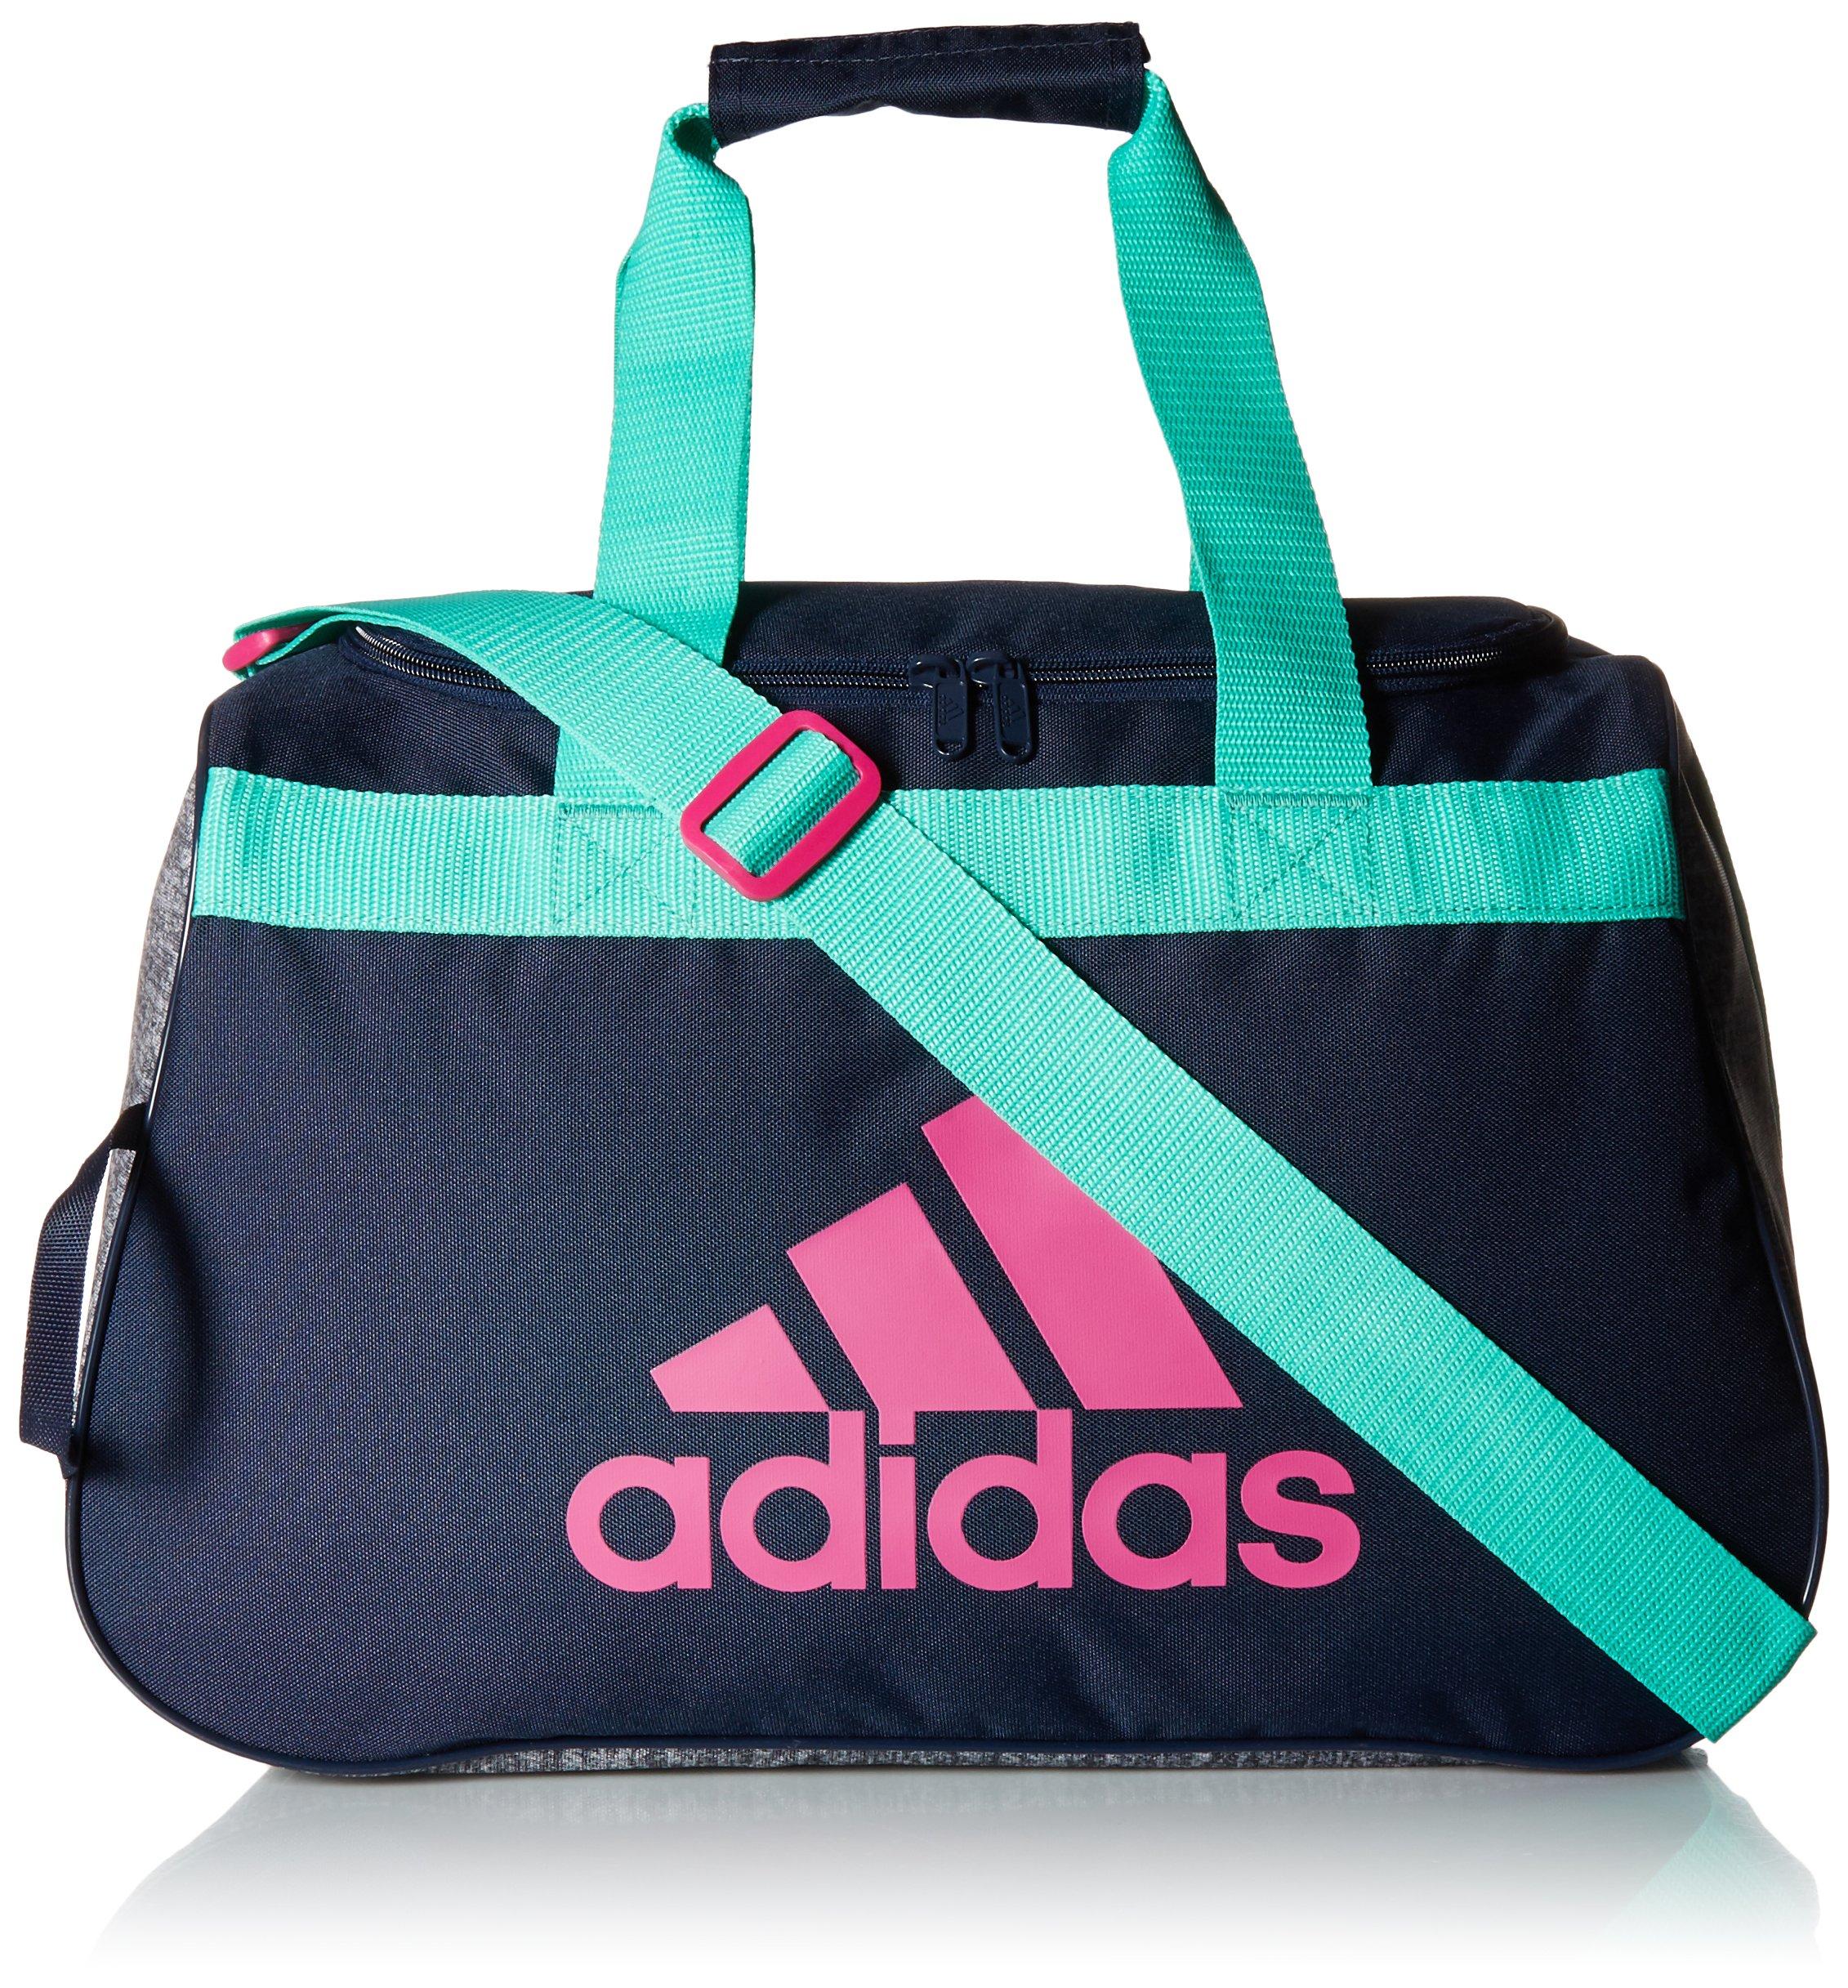 adidas Diablo Small Duffel Bag, Green/Bahia Magenta, One Size by adidas